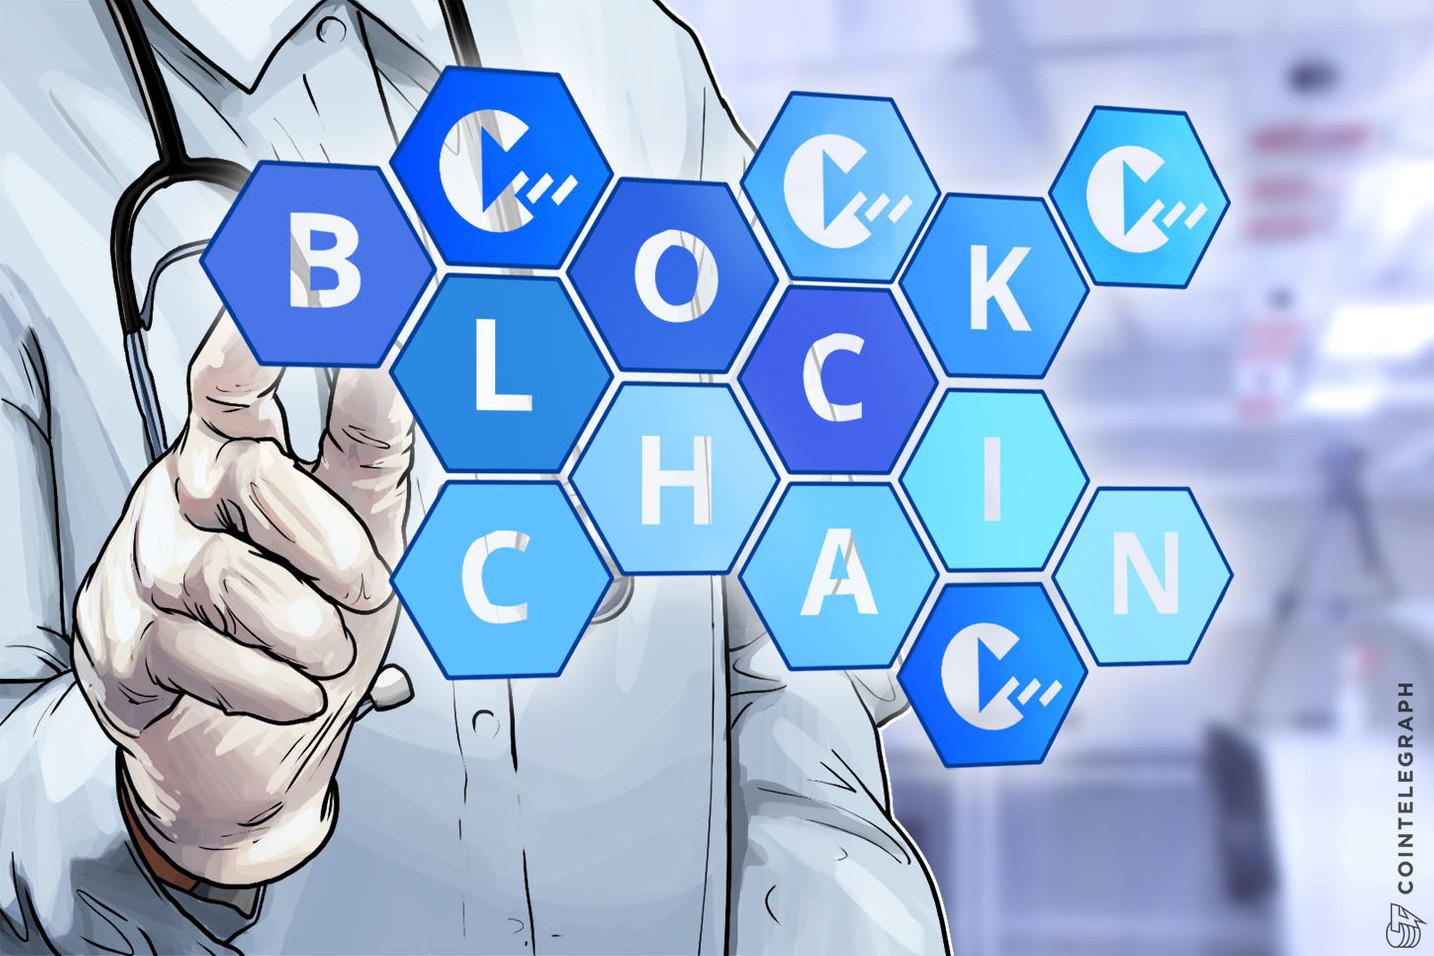 La firma alemana Camelot lanza plataforma Blockchain de gestión de datos médicos